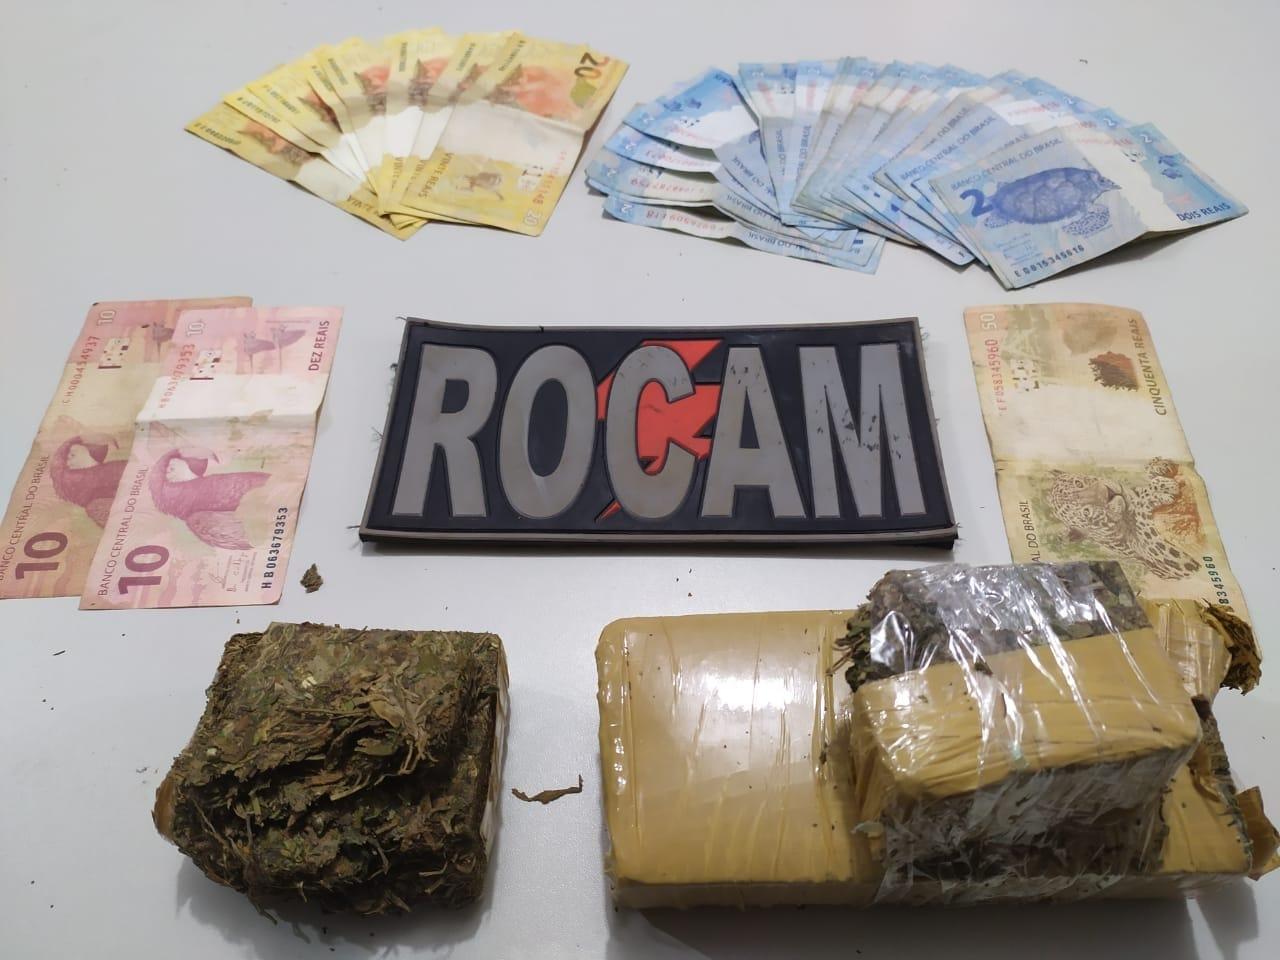 *ROCAM DE PICOS APRENDE MAIS MEIO QUILO DE MACONHA E CONDUZ DOIS SUSPEITOS POR TRÁFICO DE DROGAS*